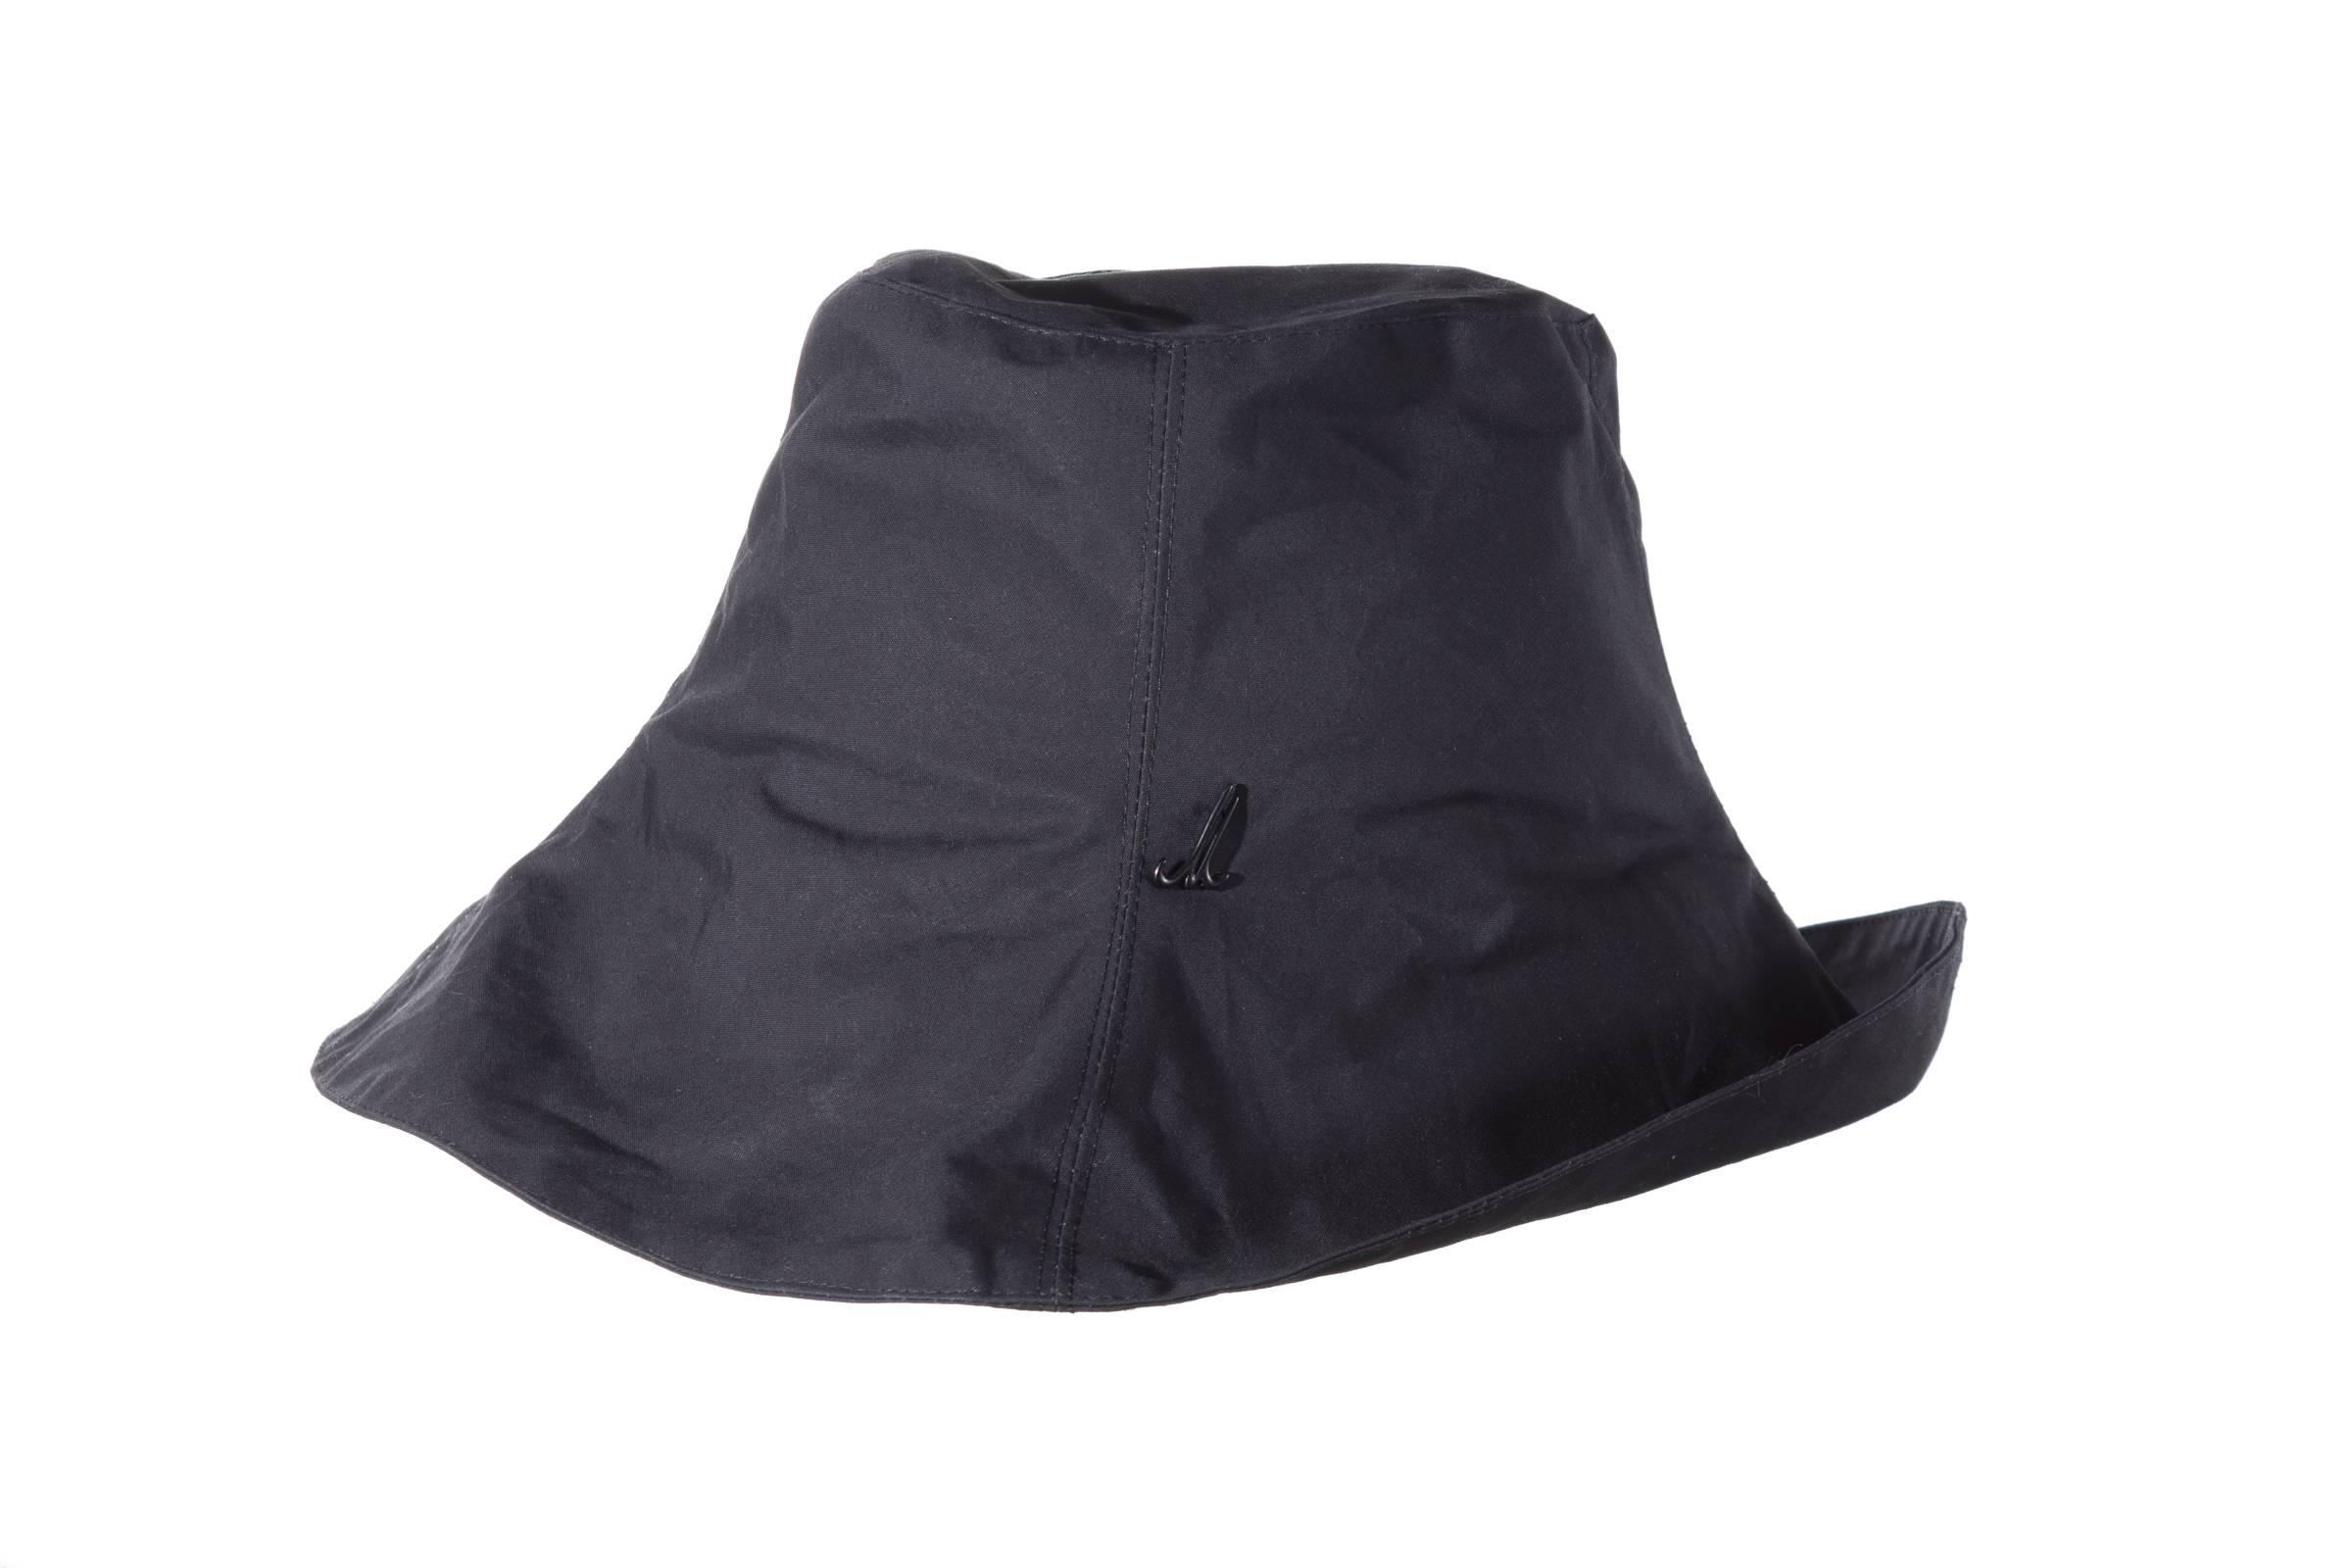 VERONIKA - rain hat - Baumwolle gewachst  aa602770637